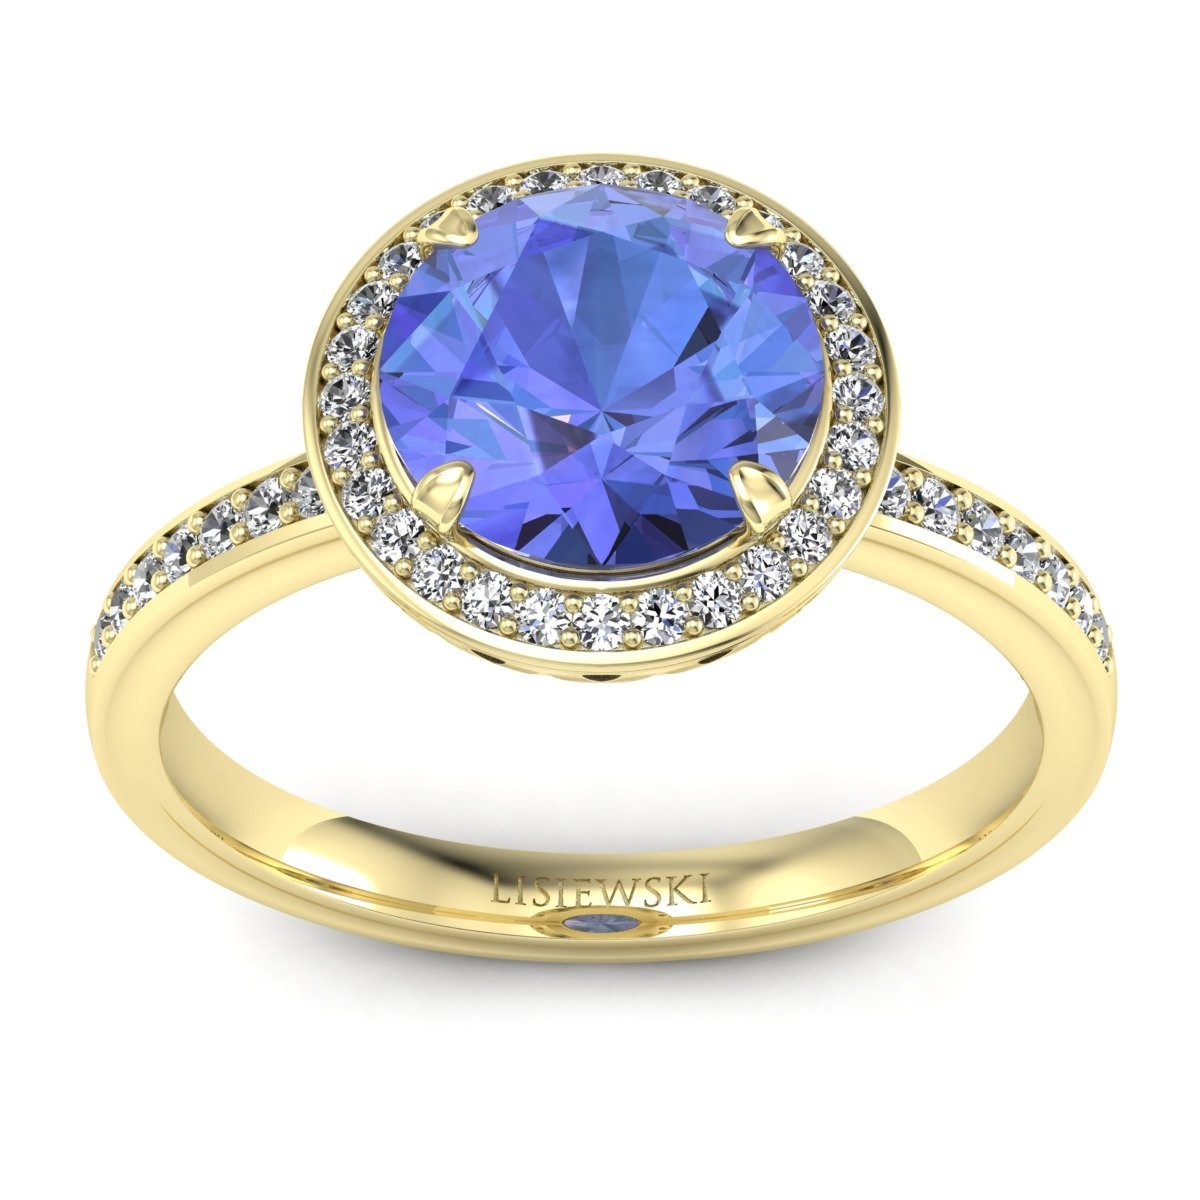 Manhattan - Złoty pierścionek z tanzanitem i diamentami